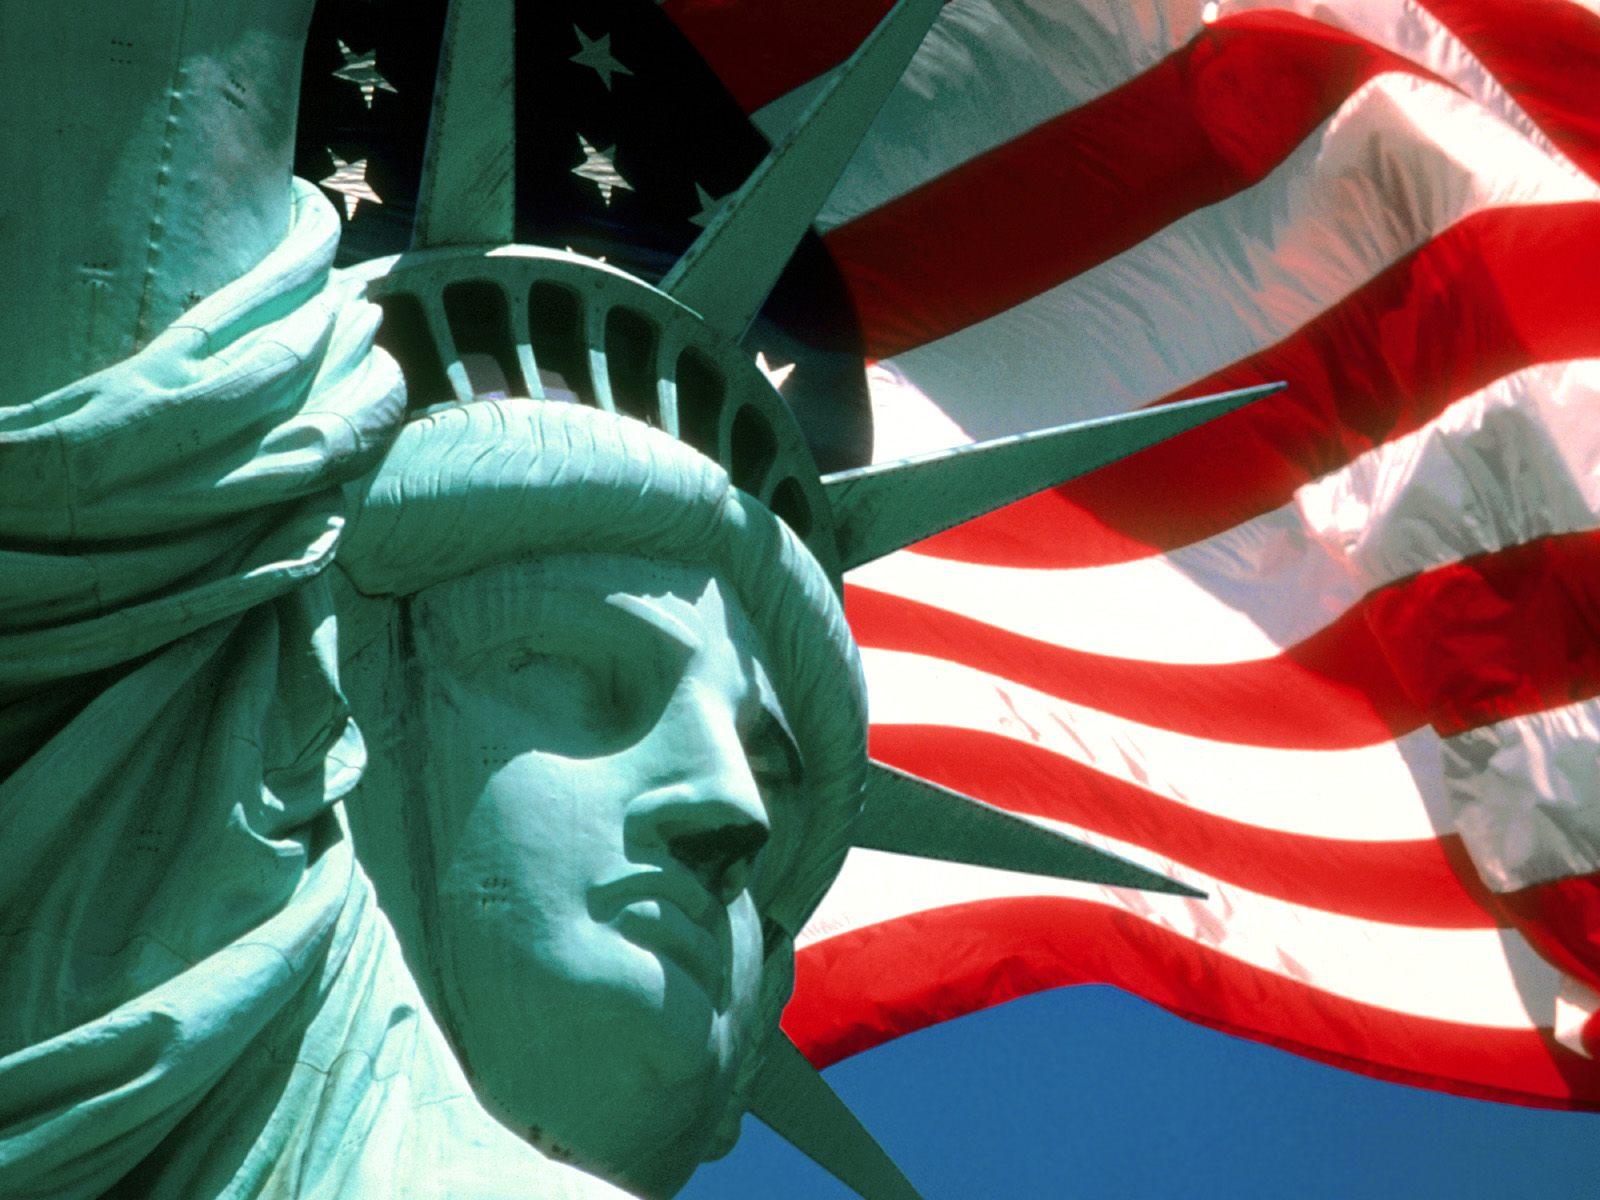 صورة الهجرة الى امريكا , كيفيه الهجره الى امريكا 6087 2